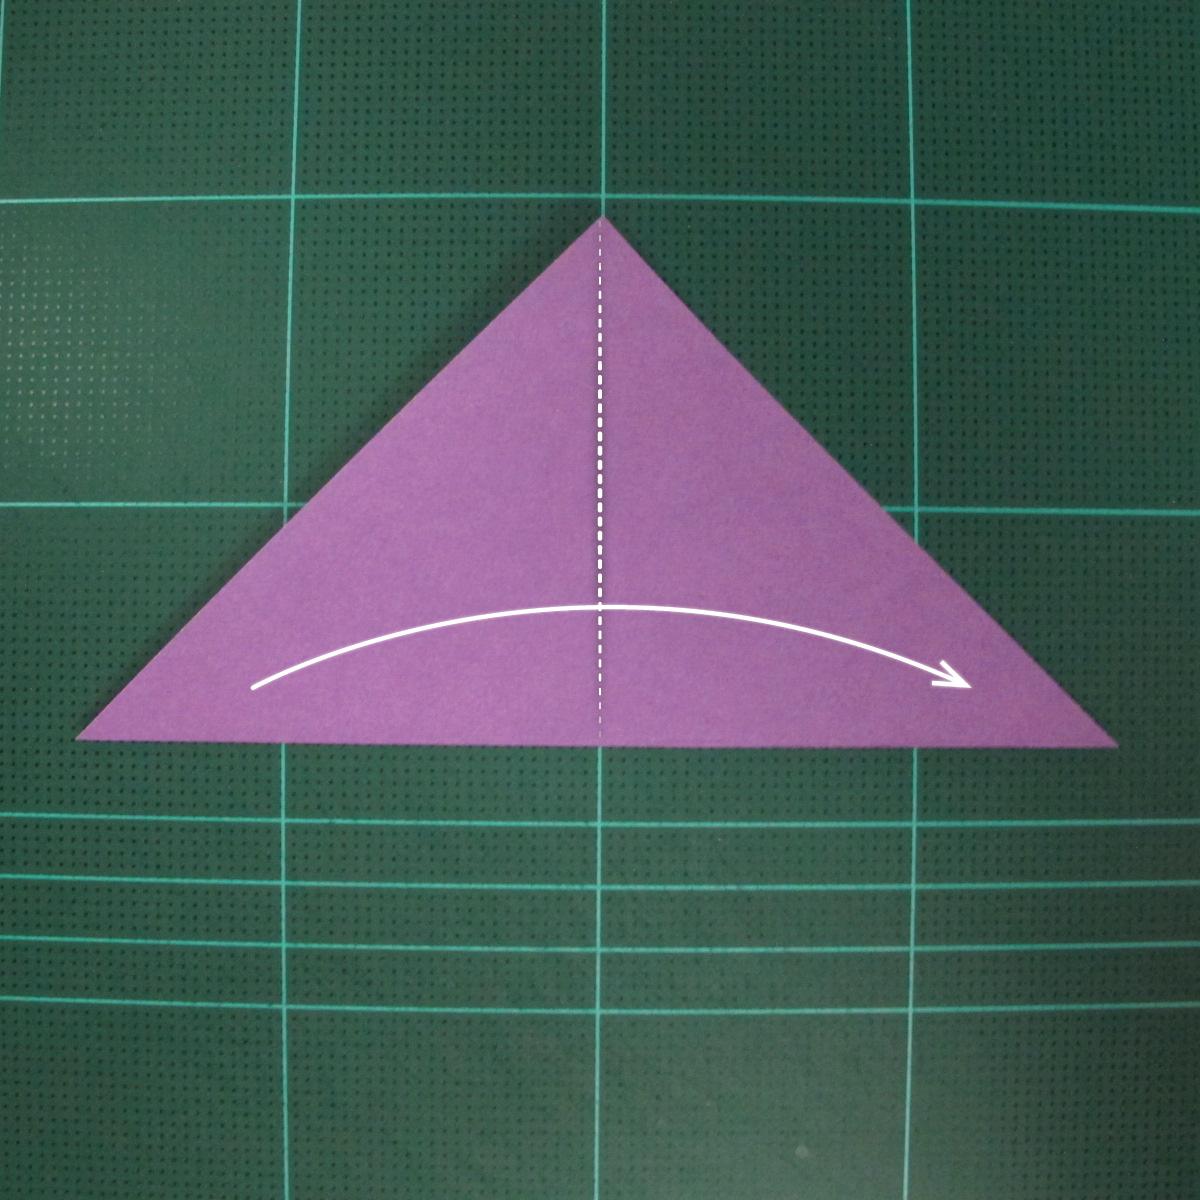 วิธีพับกระดาษเป็นนกพิราบแบบง่าย (Easy Origami Pigeon) 002